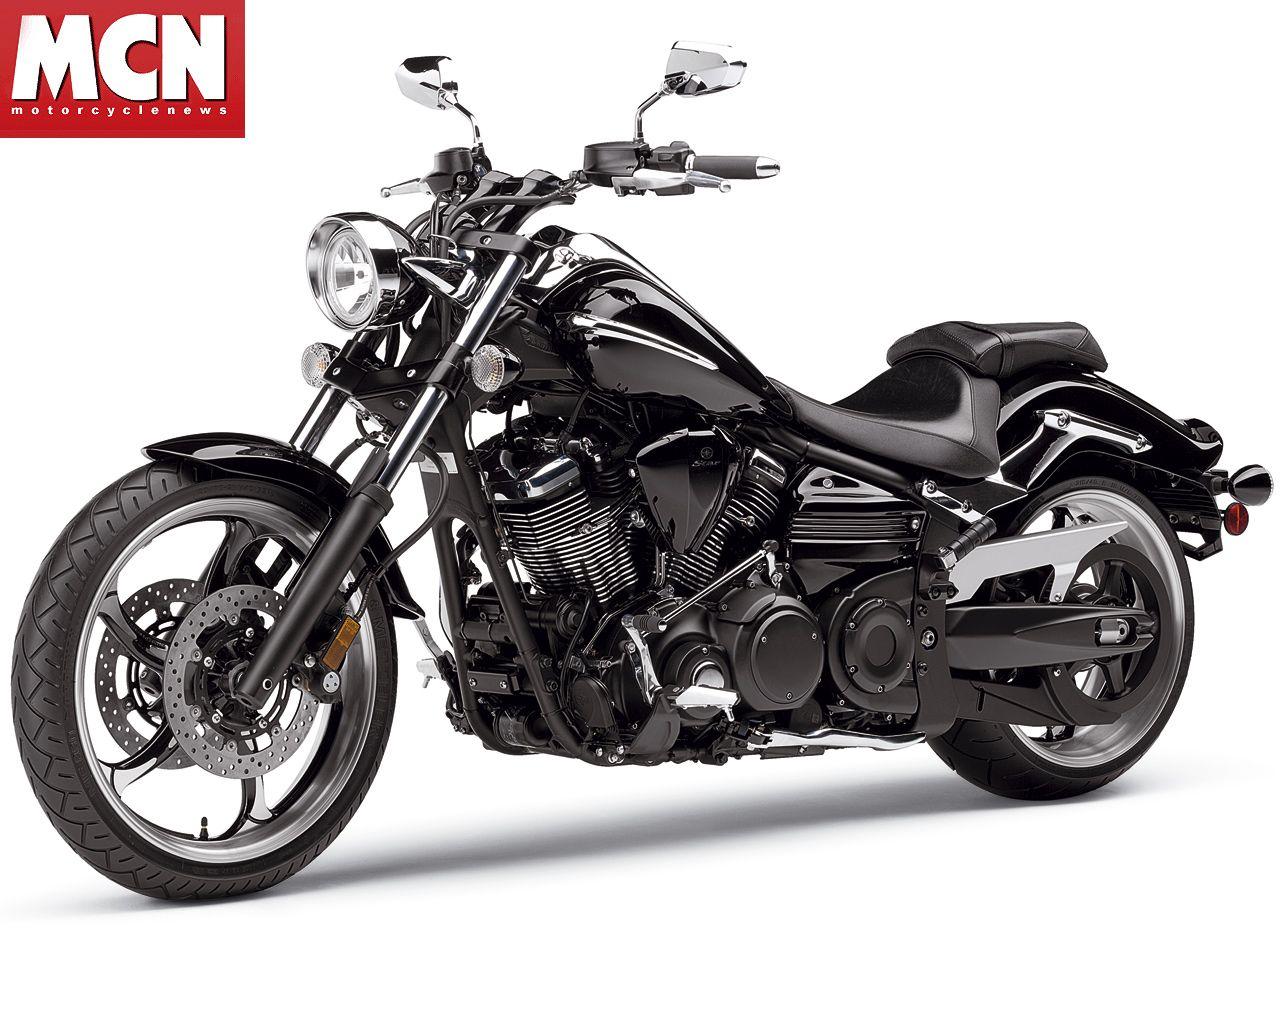 125 best bikes i like images on pinterest | custom motorcycles